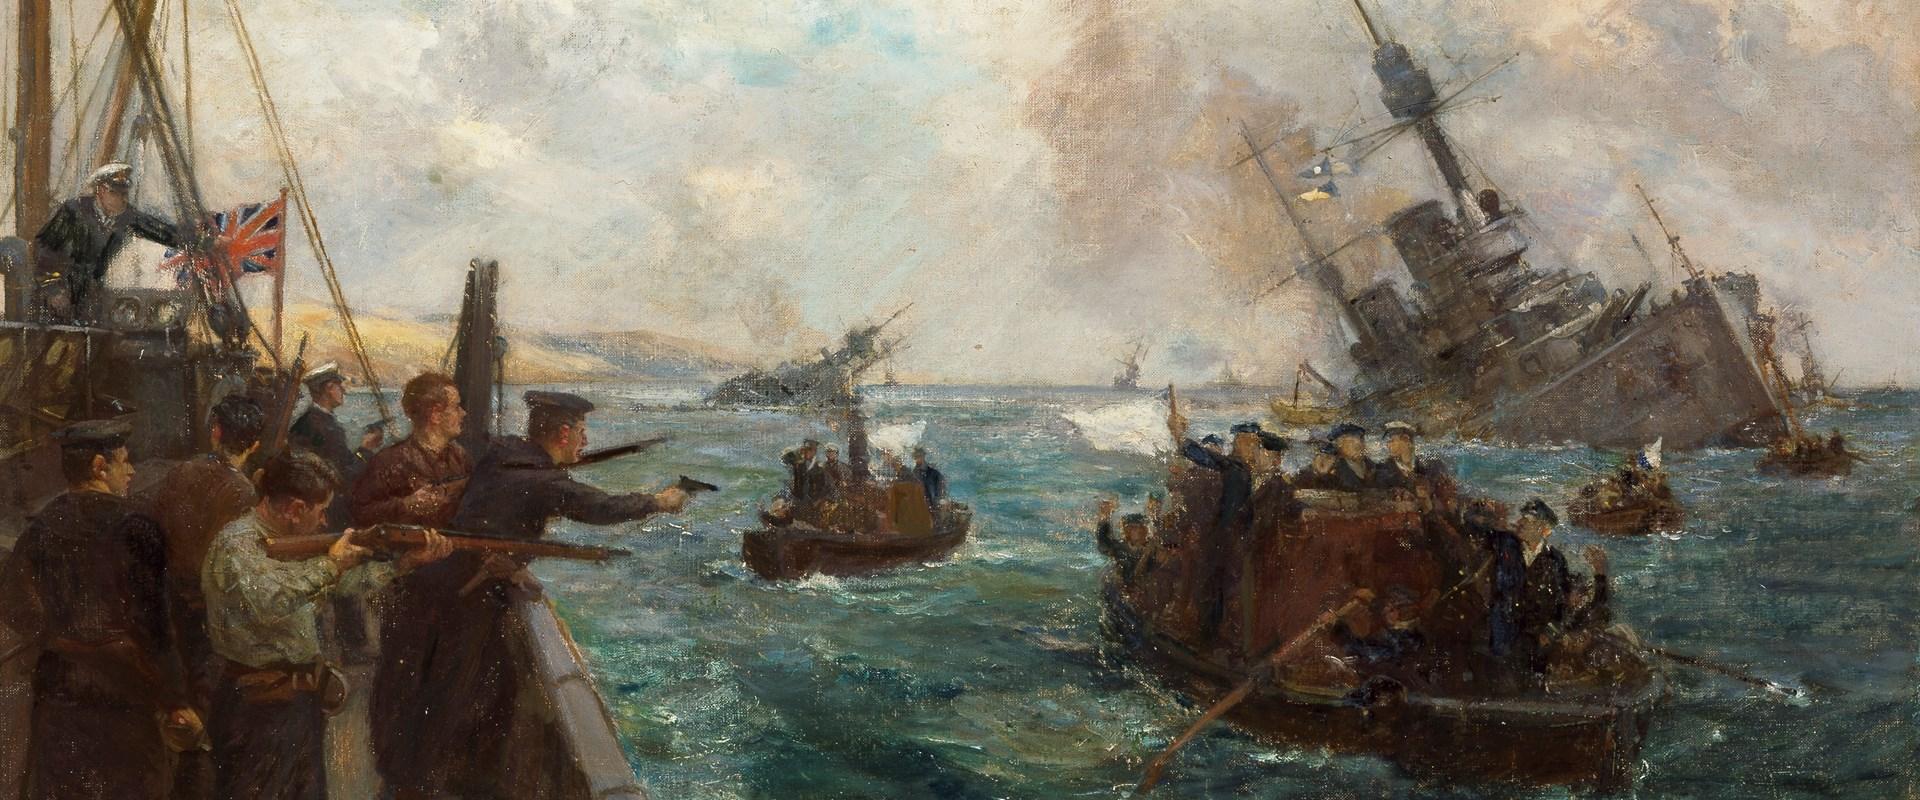 Art at War